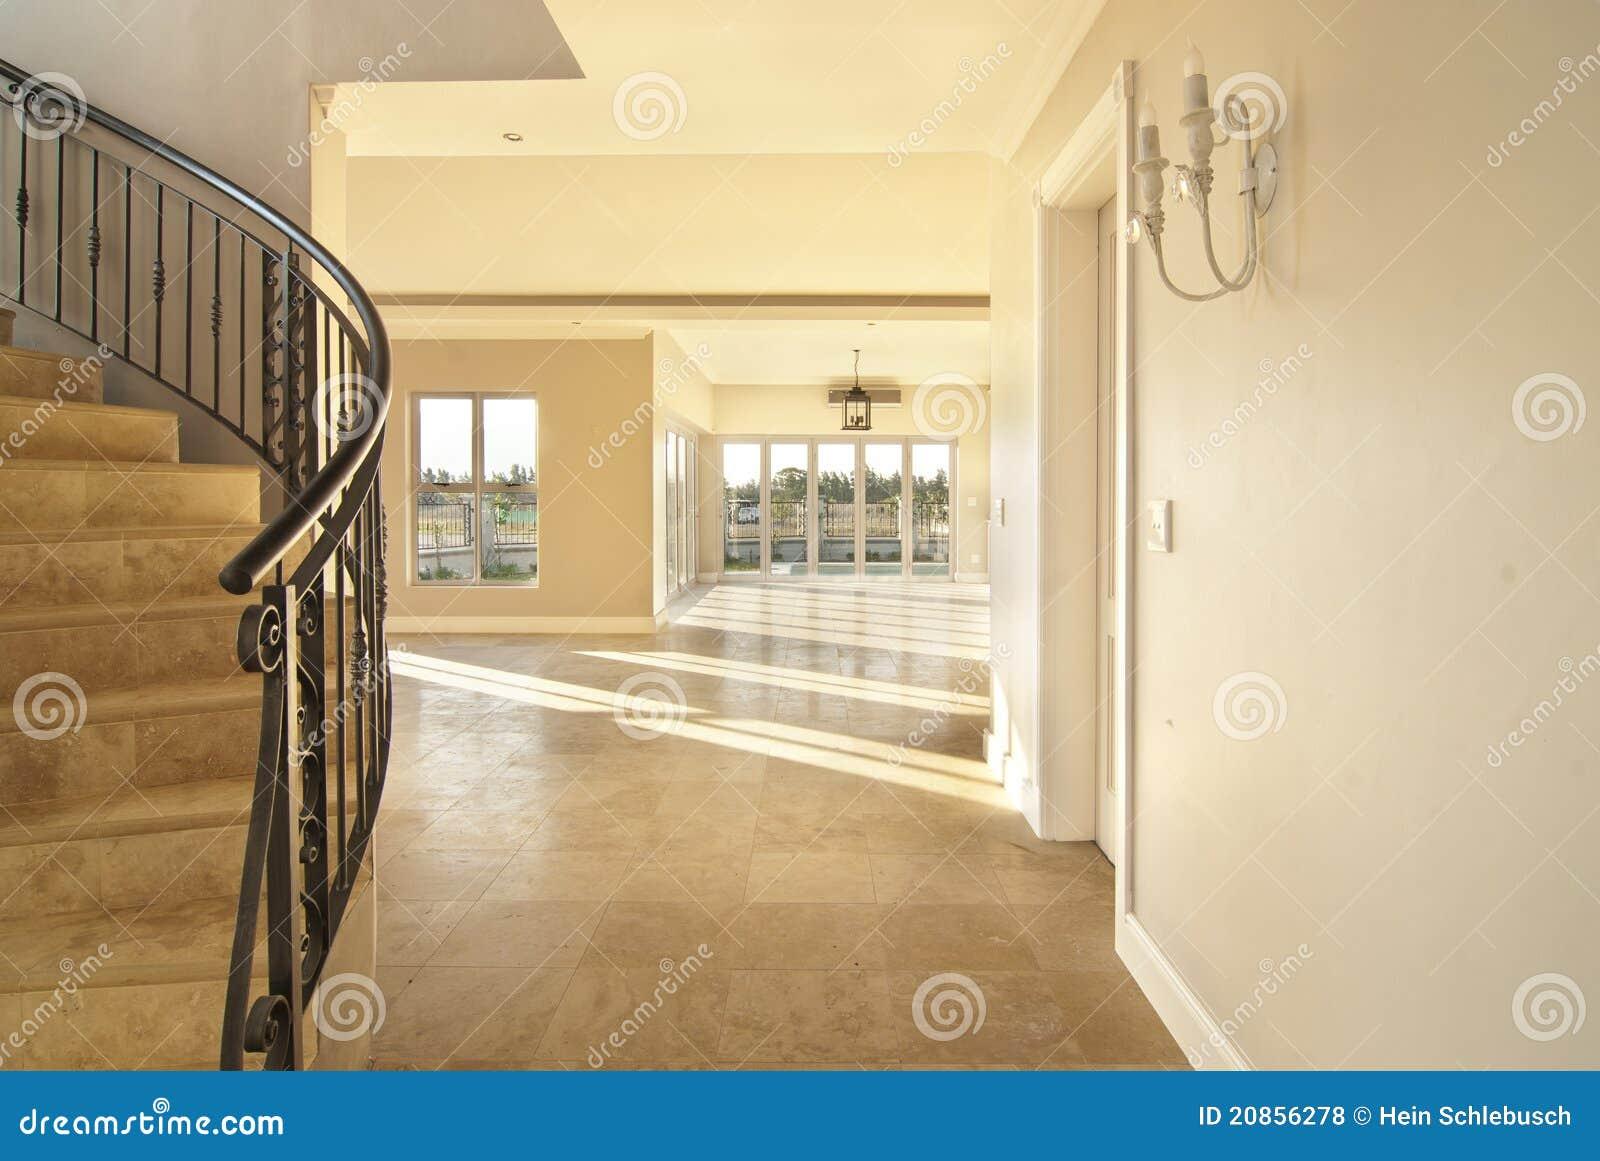 Foyer Avec L\'escalier Circulaire Photo libre de droits - Image ...